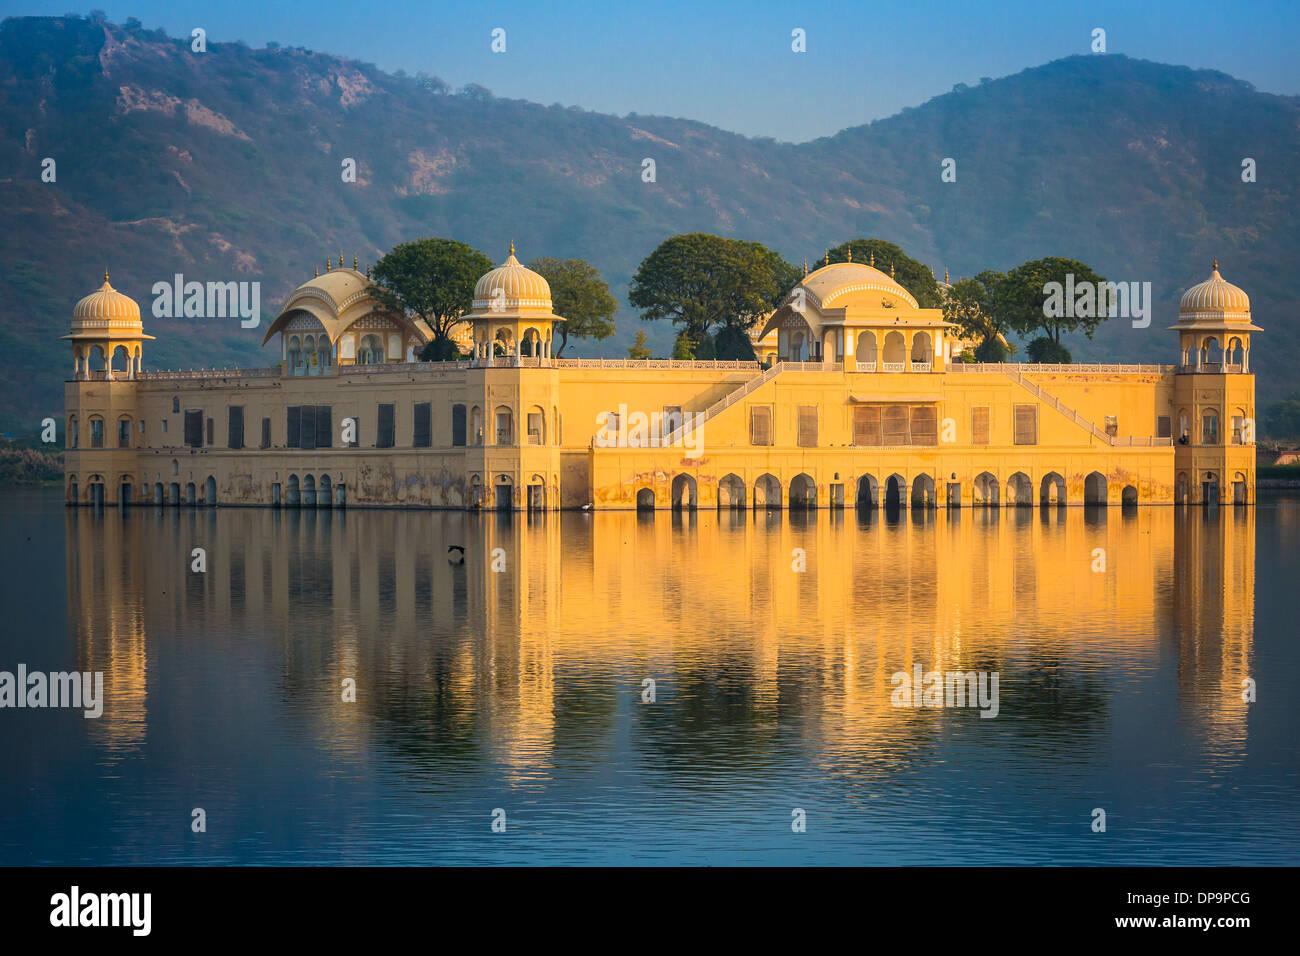 """Jal Mahal (qui signifie """"Palais d'eau') est un palais situé au milieu de la Man Sagar Lake à Jaipur, Inde Photo Stock"""